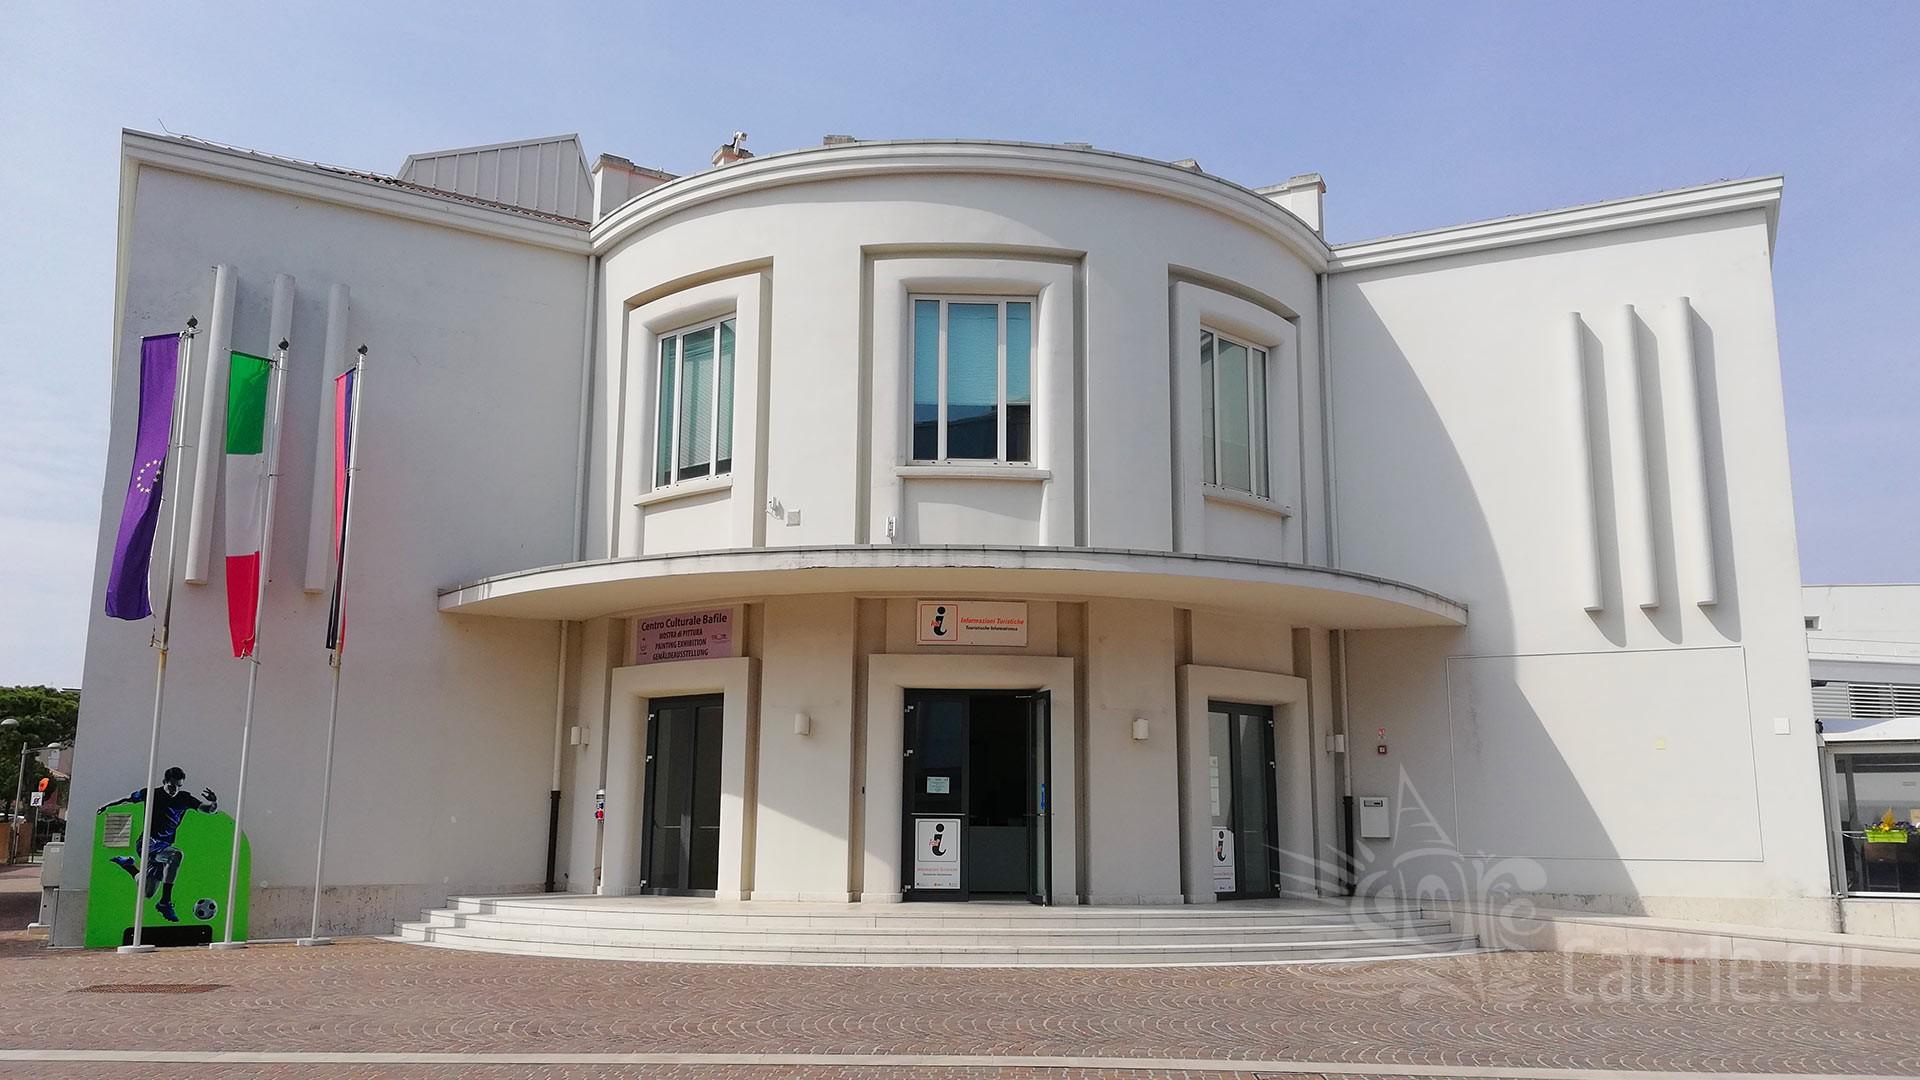 In Ufficio Turismo : L ufficio turismo si trasferisce in via dei macelli u linea libera